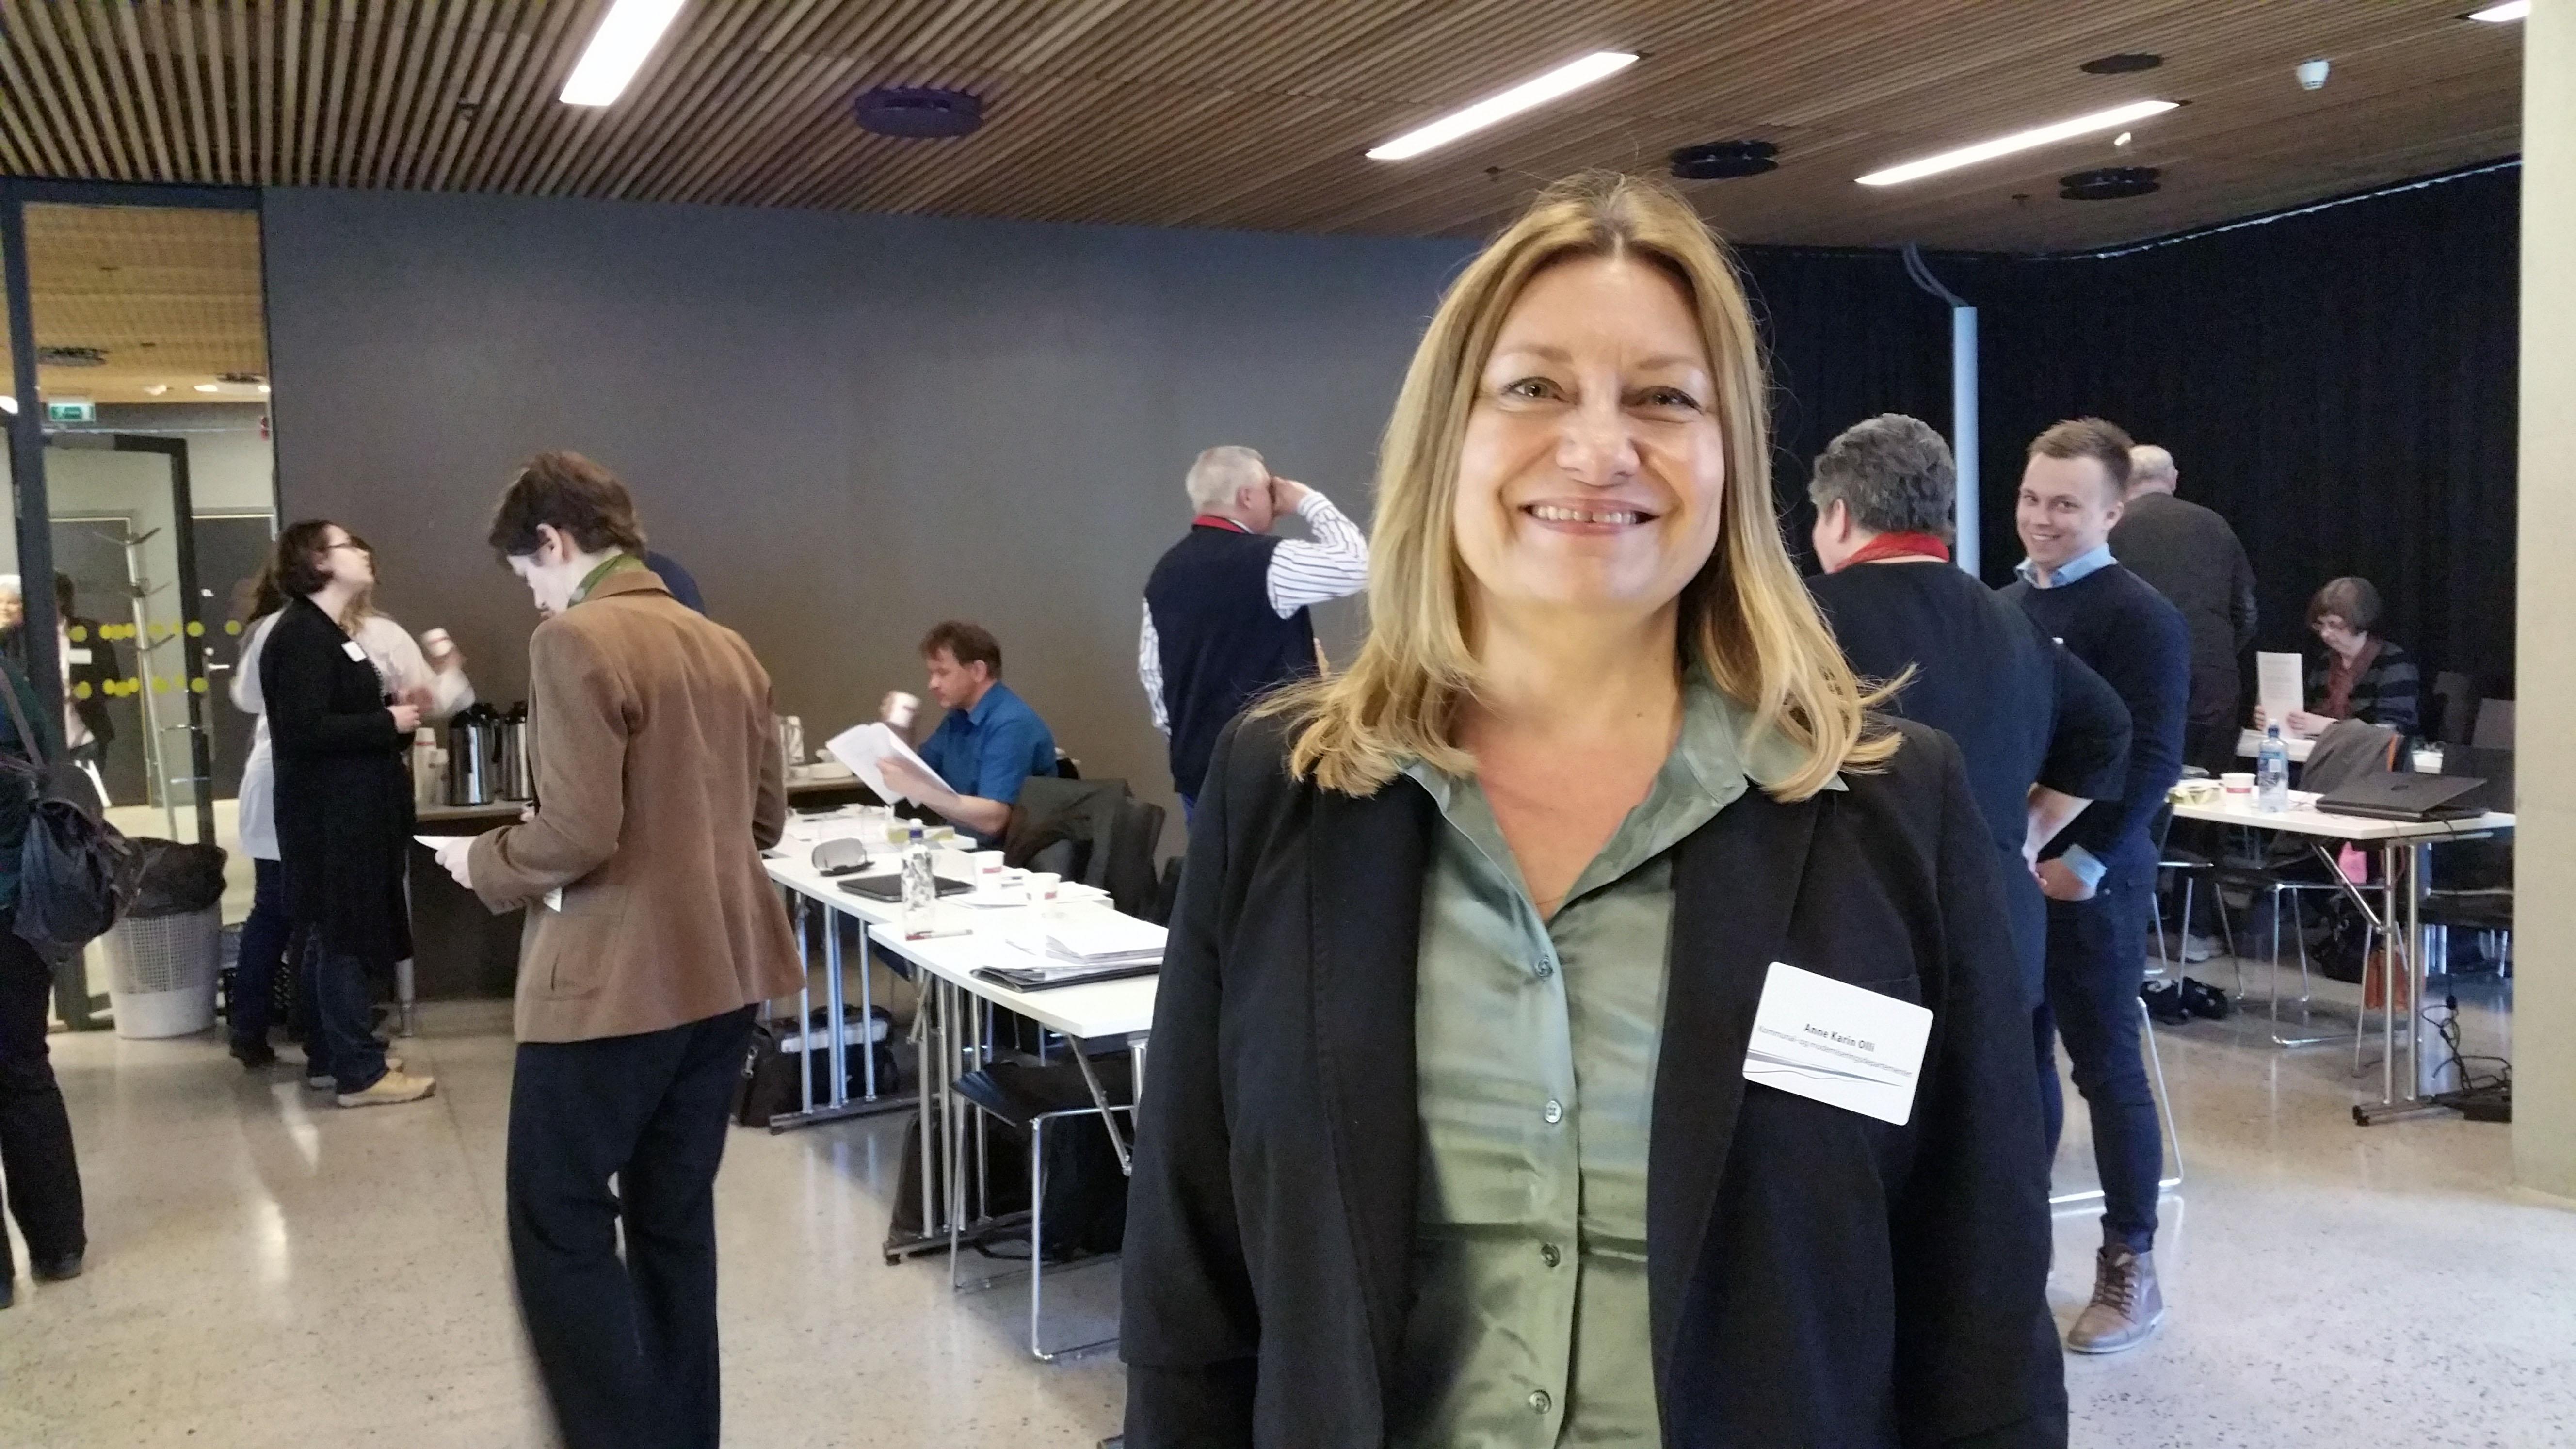 Anne Karin Olli imponert over kvenenes engasjement